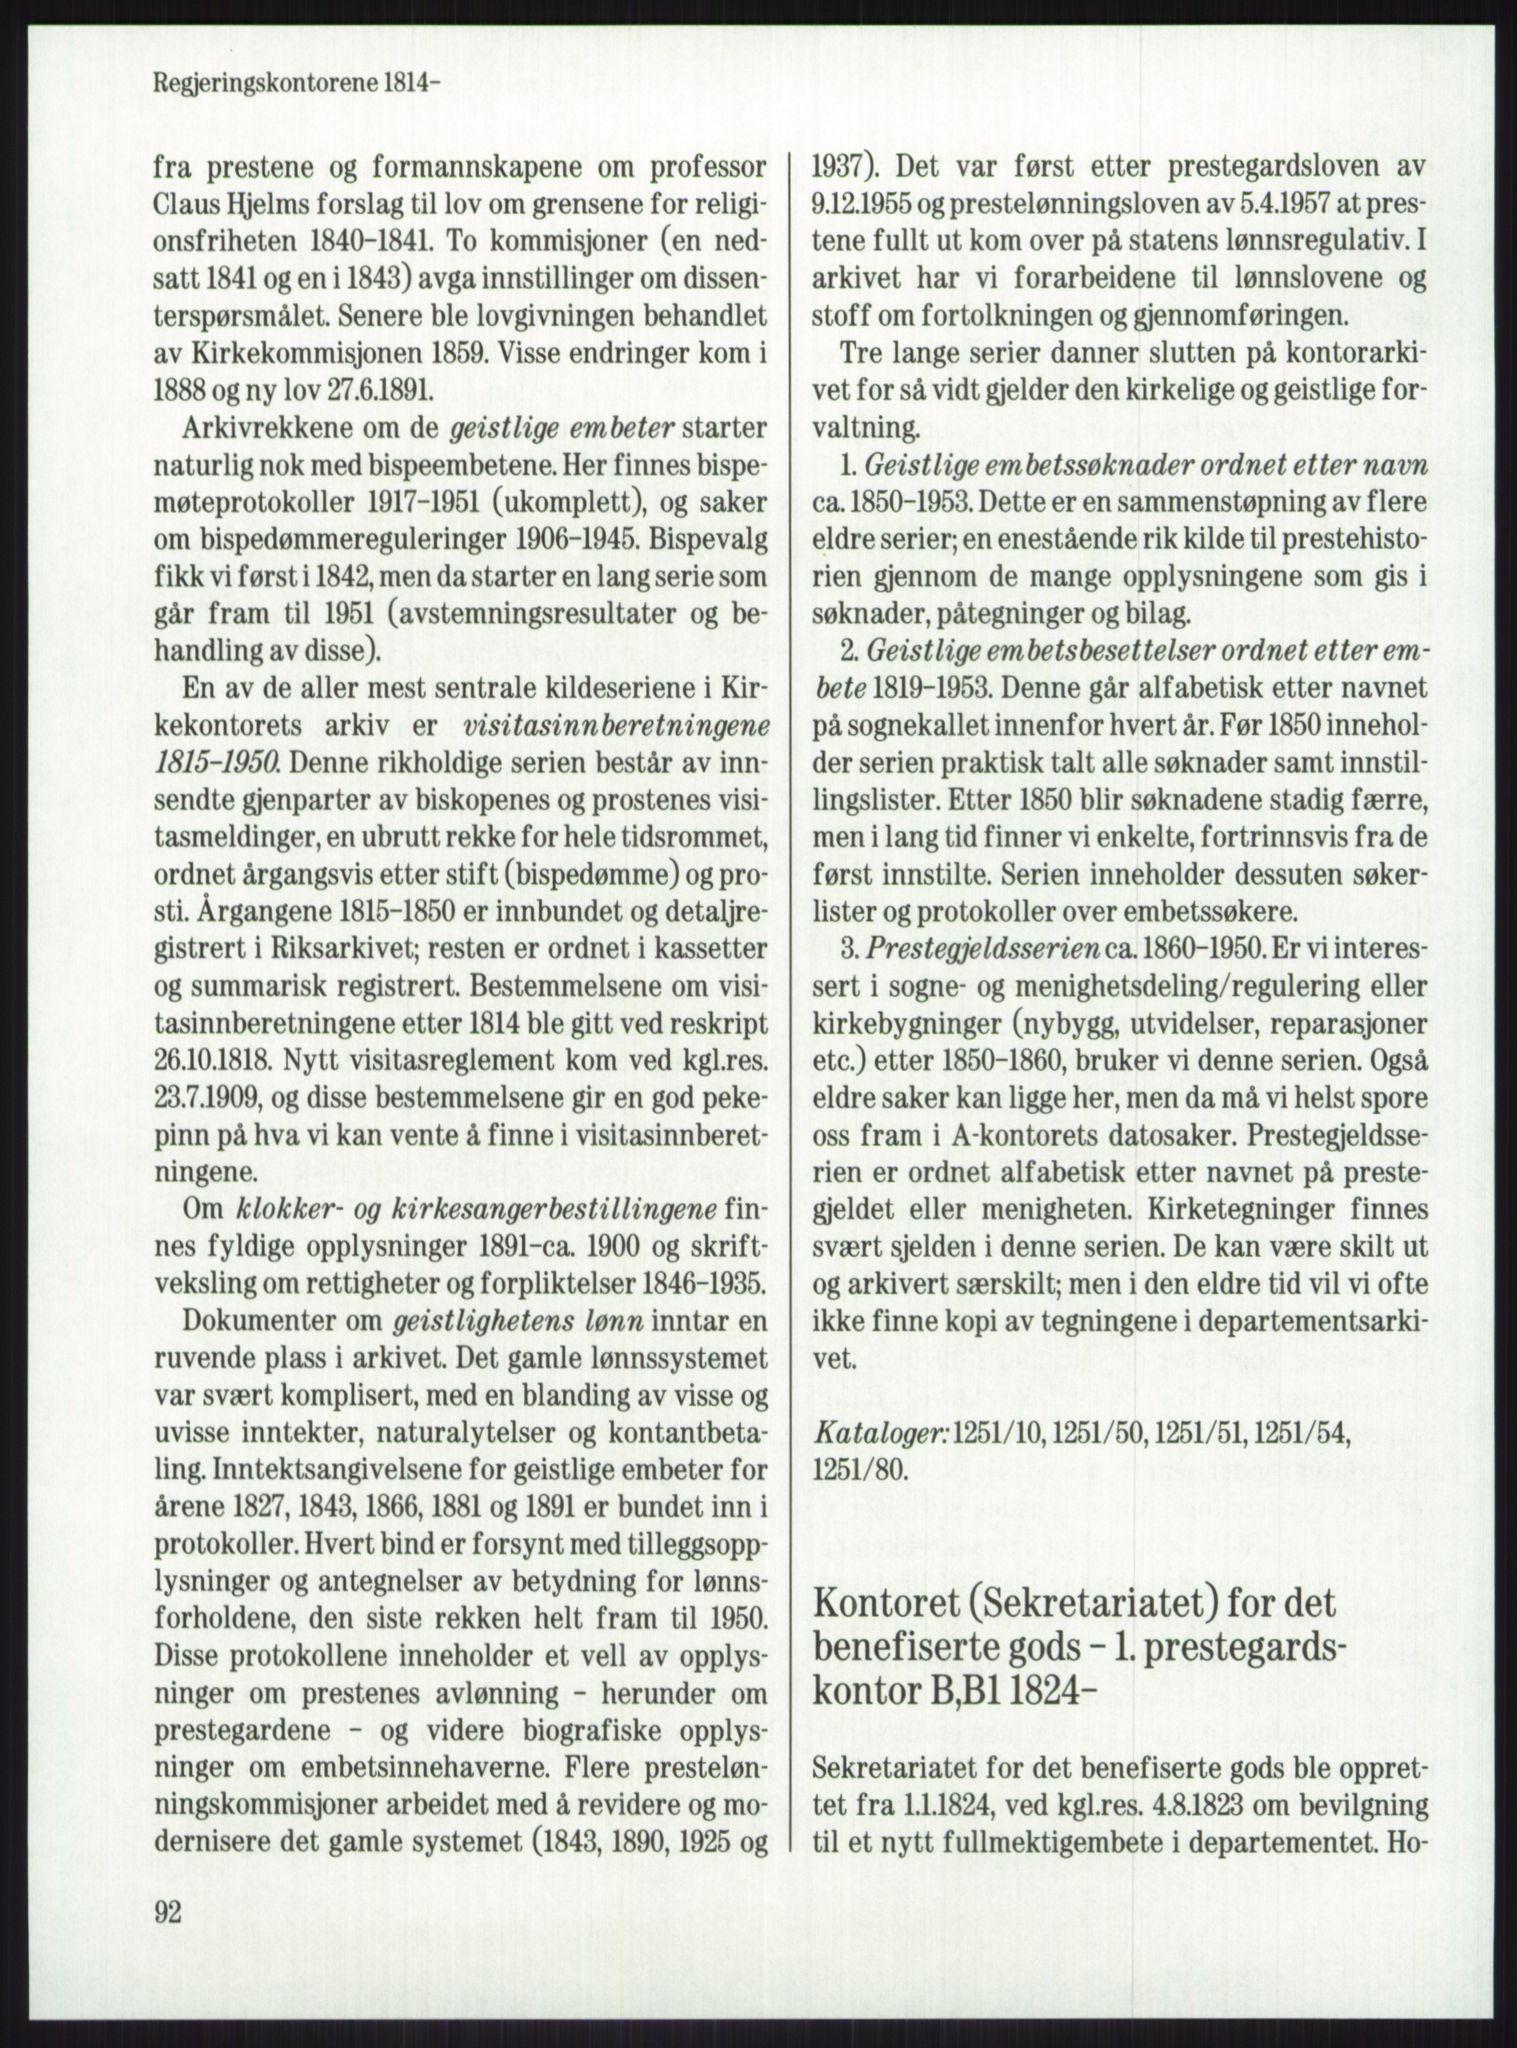 PUBL, Publikasjoner utgitt av Arkivverket, -/-: Knut Johannessen, Ole Kolsrud og Dag Mangset (red.): Håndbok for Riksarkivet (1992), s. 92